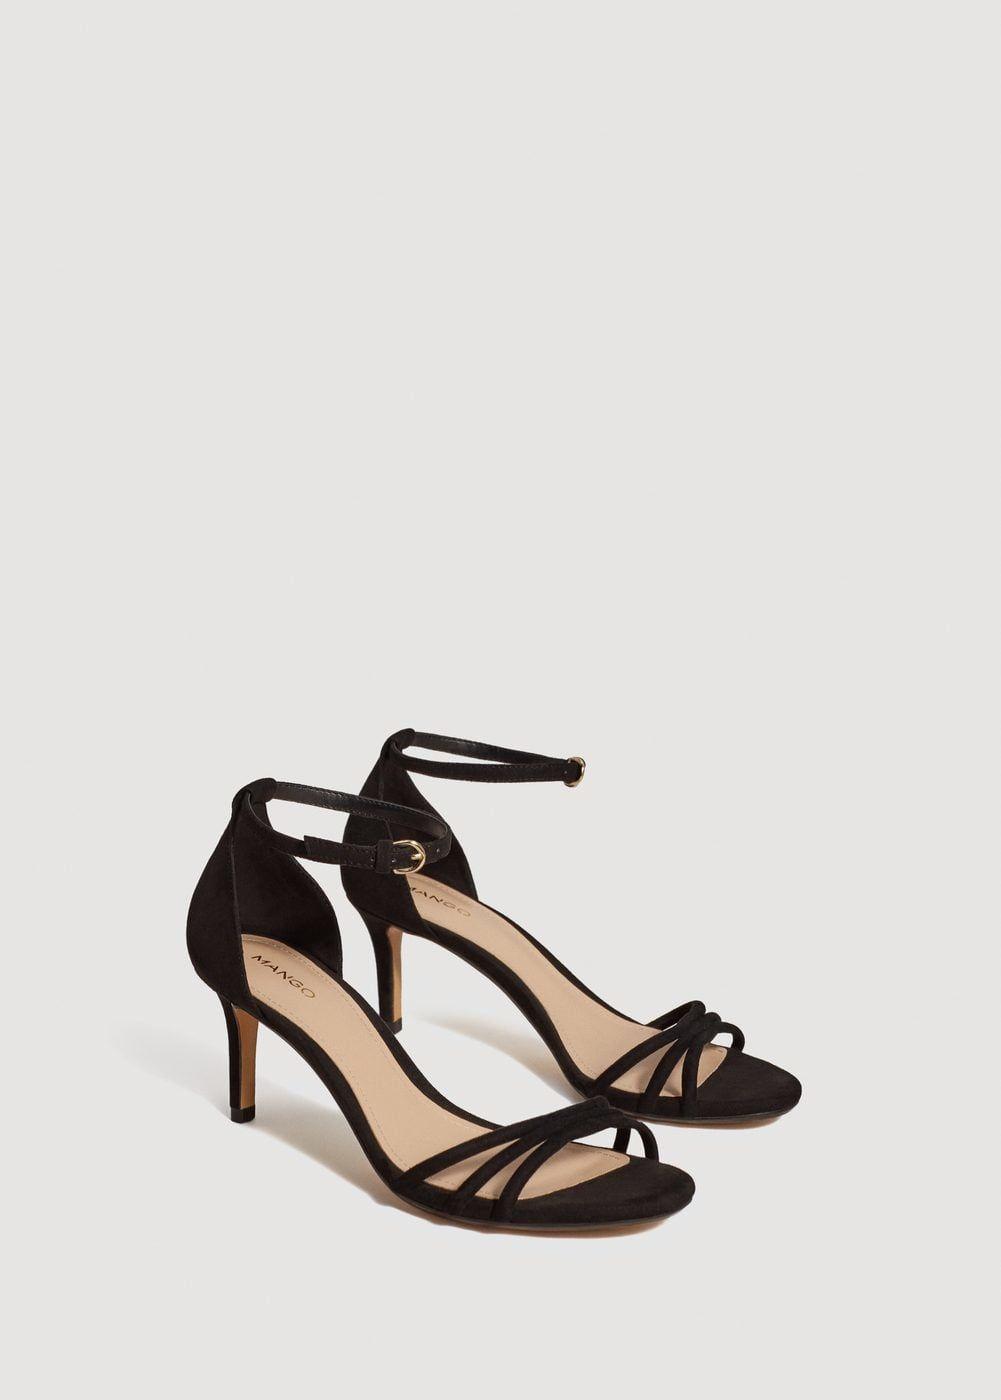 c422bbb39 Sandale cu baretă pe gleznă - Femei | shoes | Pulseras en el tobillo ...